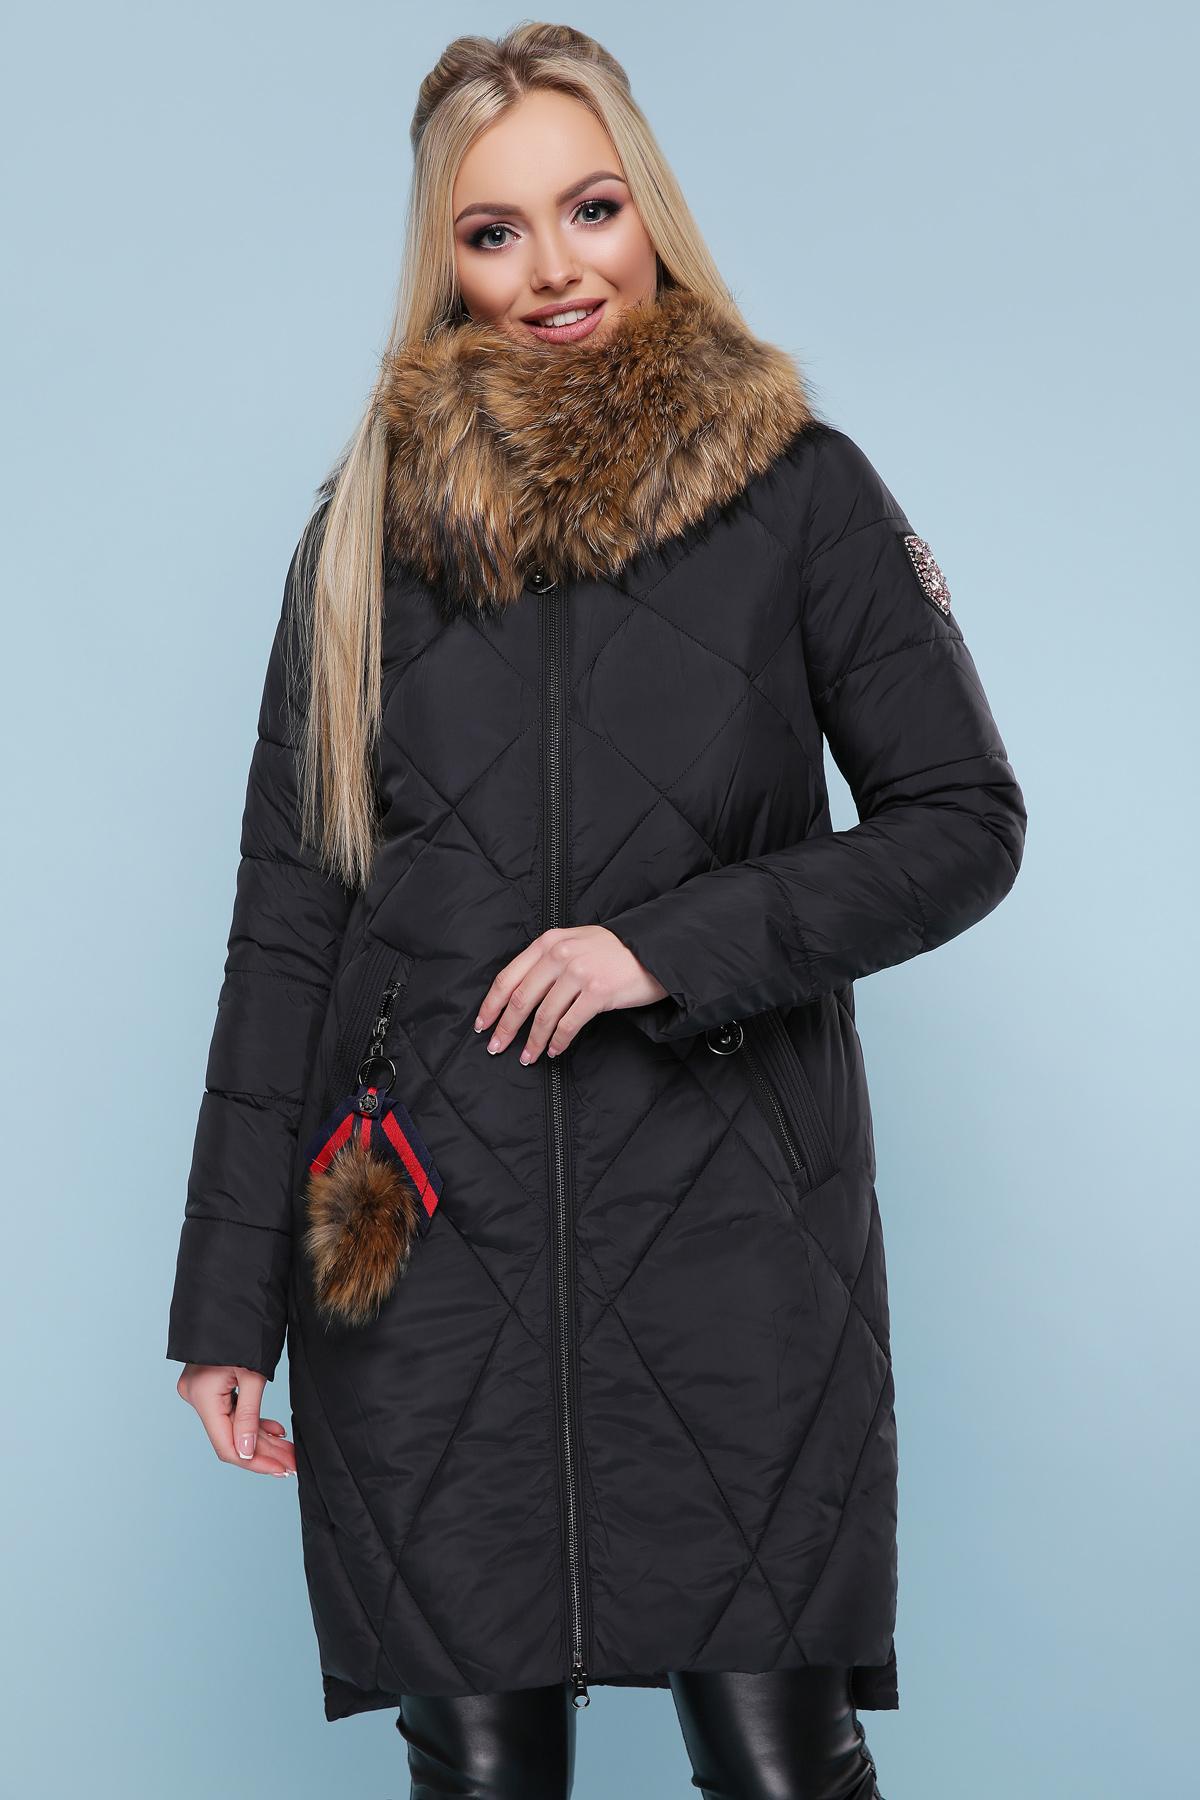 42fb6ca2119 черная куртка с меховой опушкой. Куртка 812. Цвет  черный